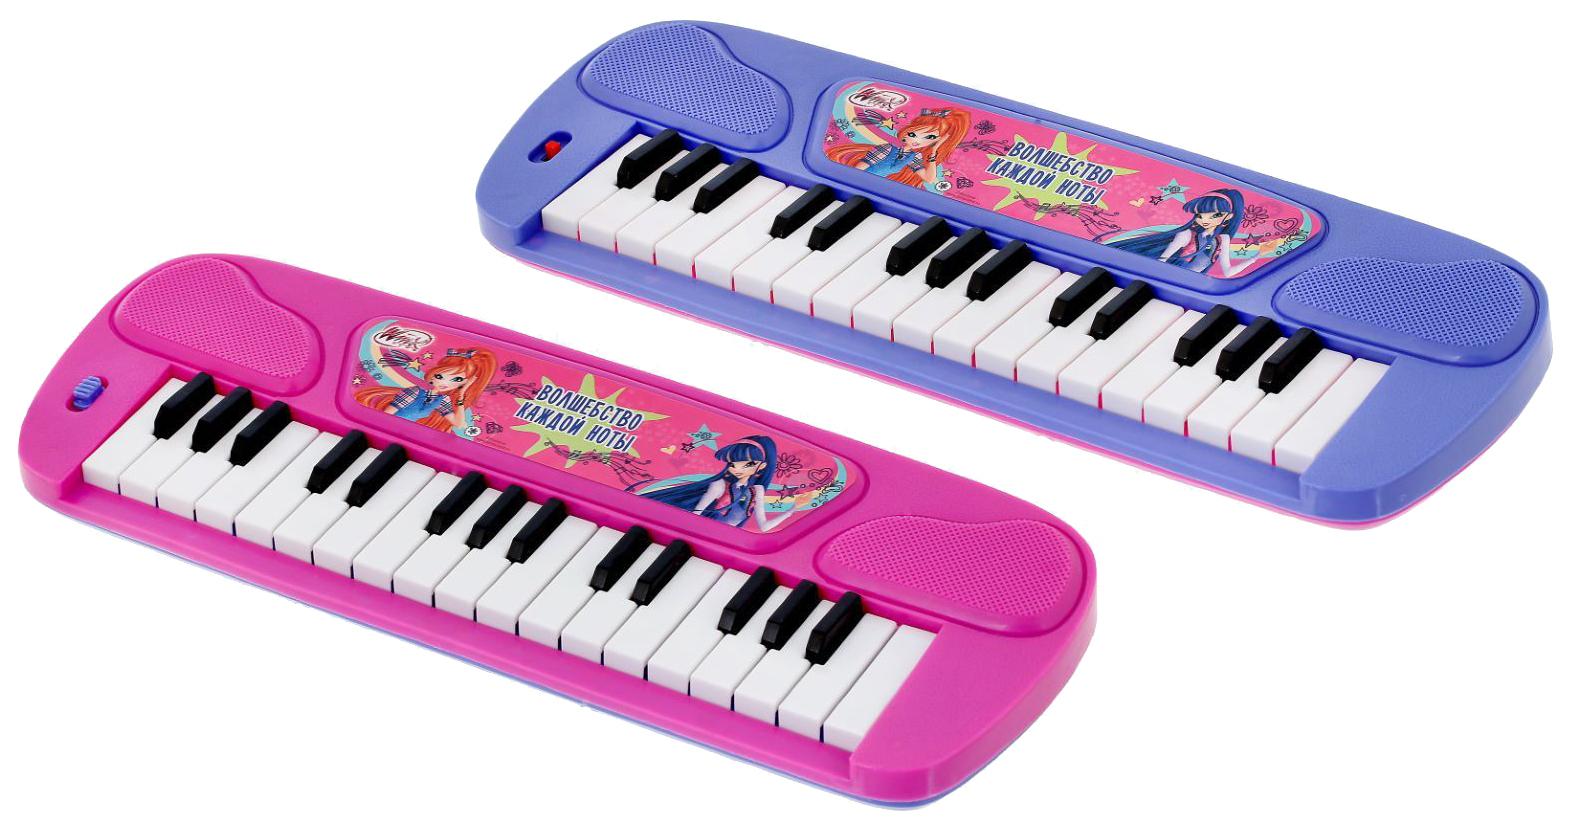 Купить Синтезатор Клуб Винкс - Музыкальные уроки Sima-Land, Детские музыкальные инструменты